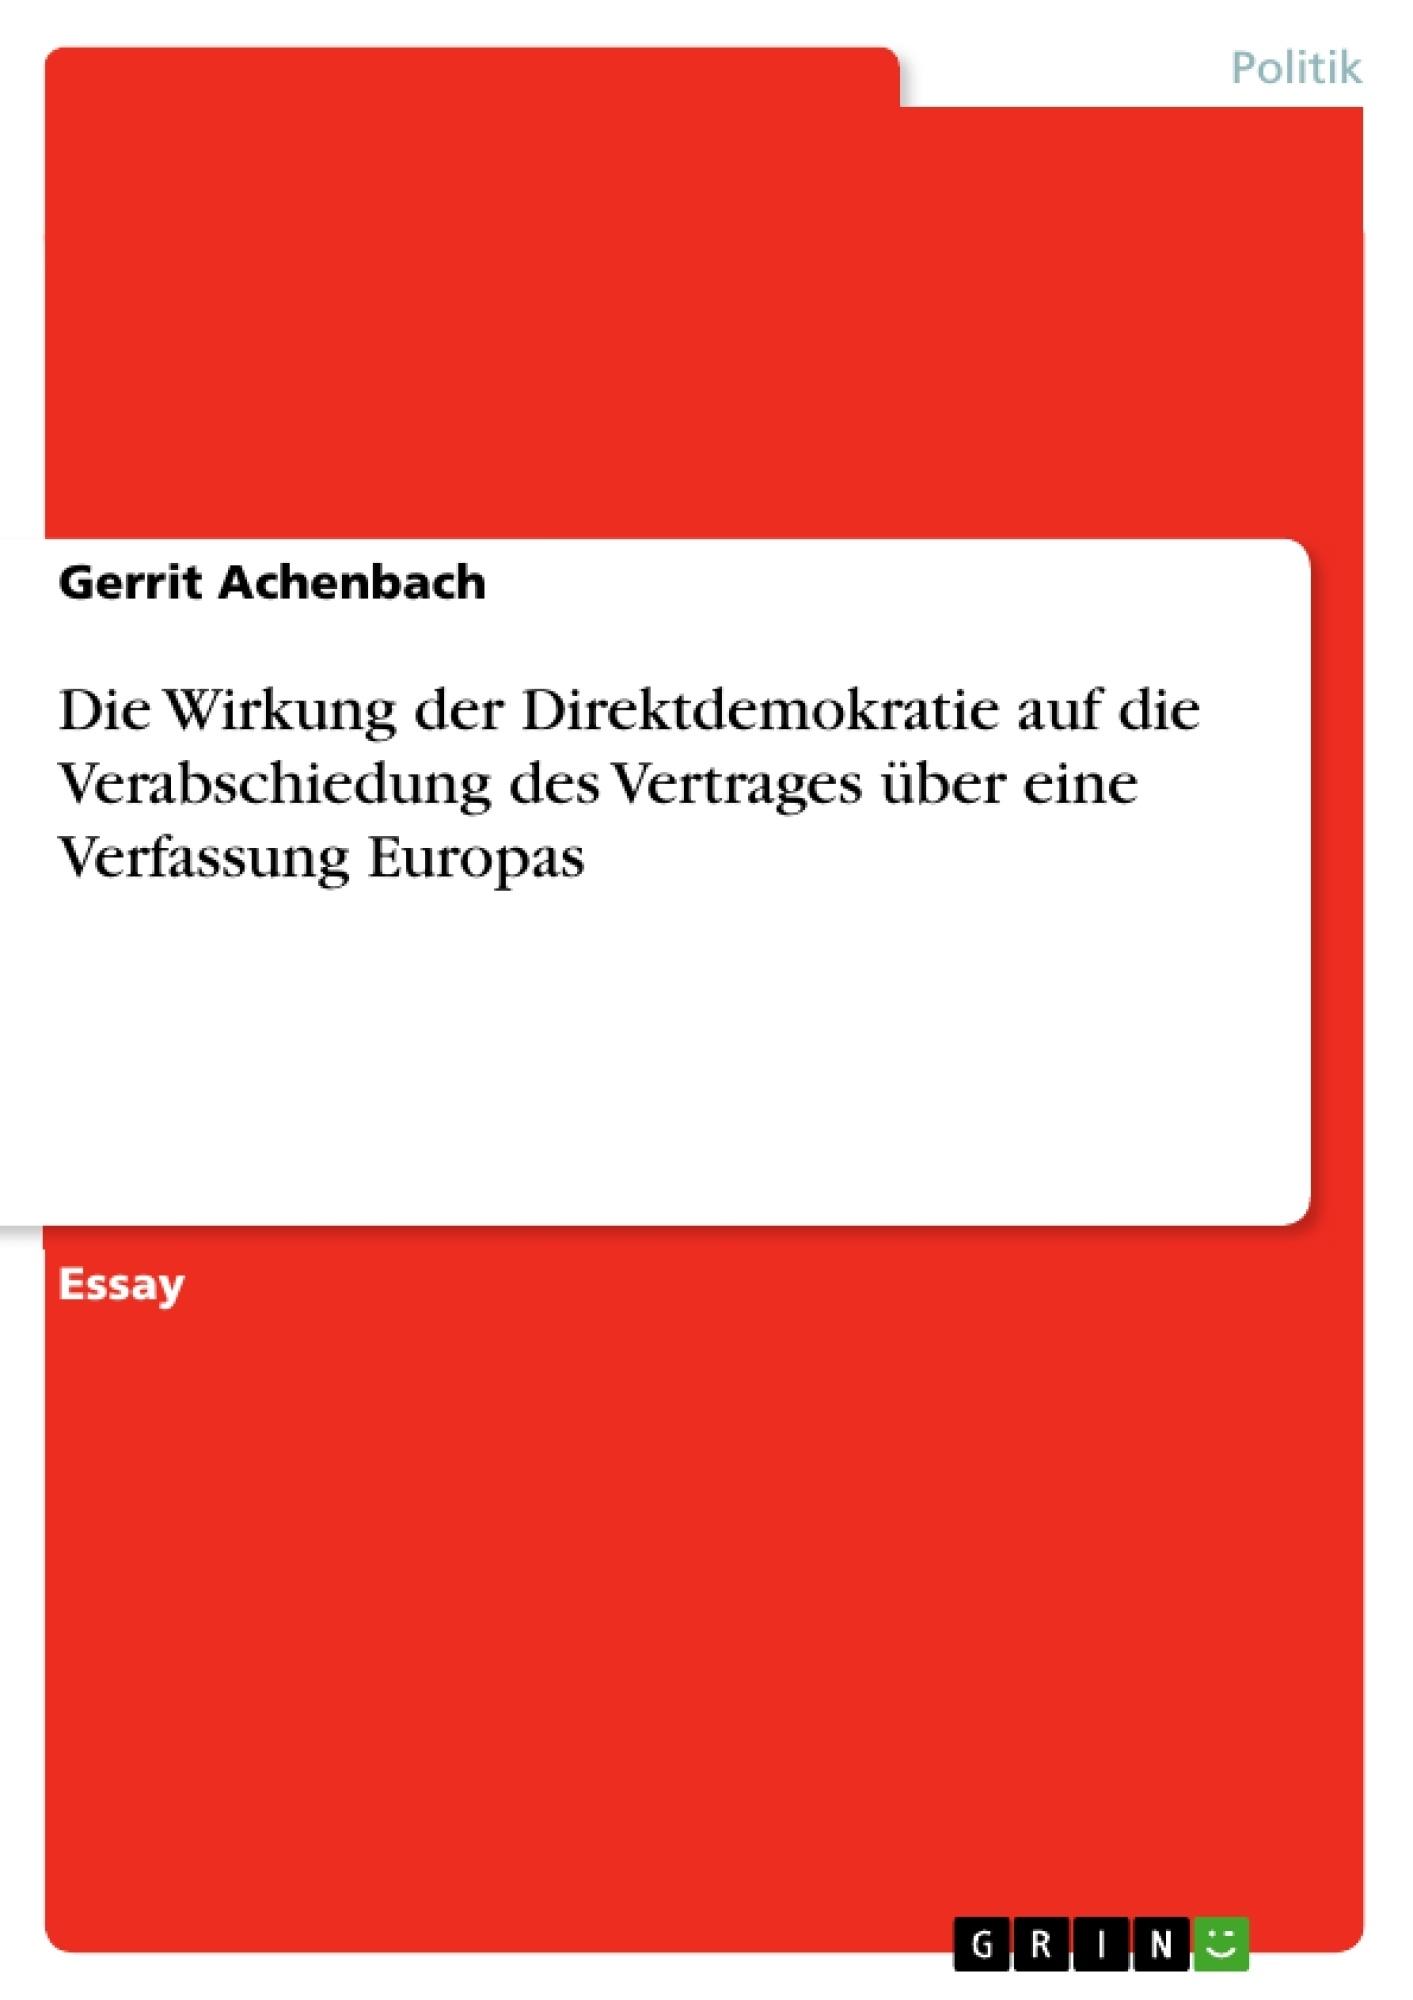 Titel: Die Wirkung der Direktdemokratie auf die Verabschiedung des Vertrages über eine Verfassung Europas